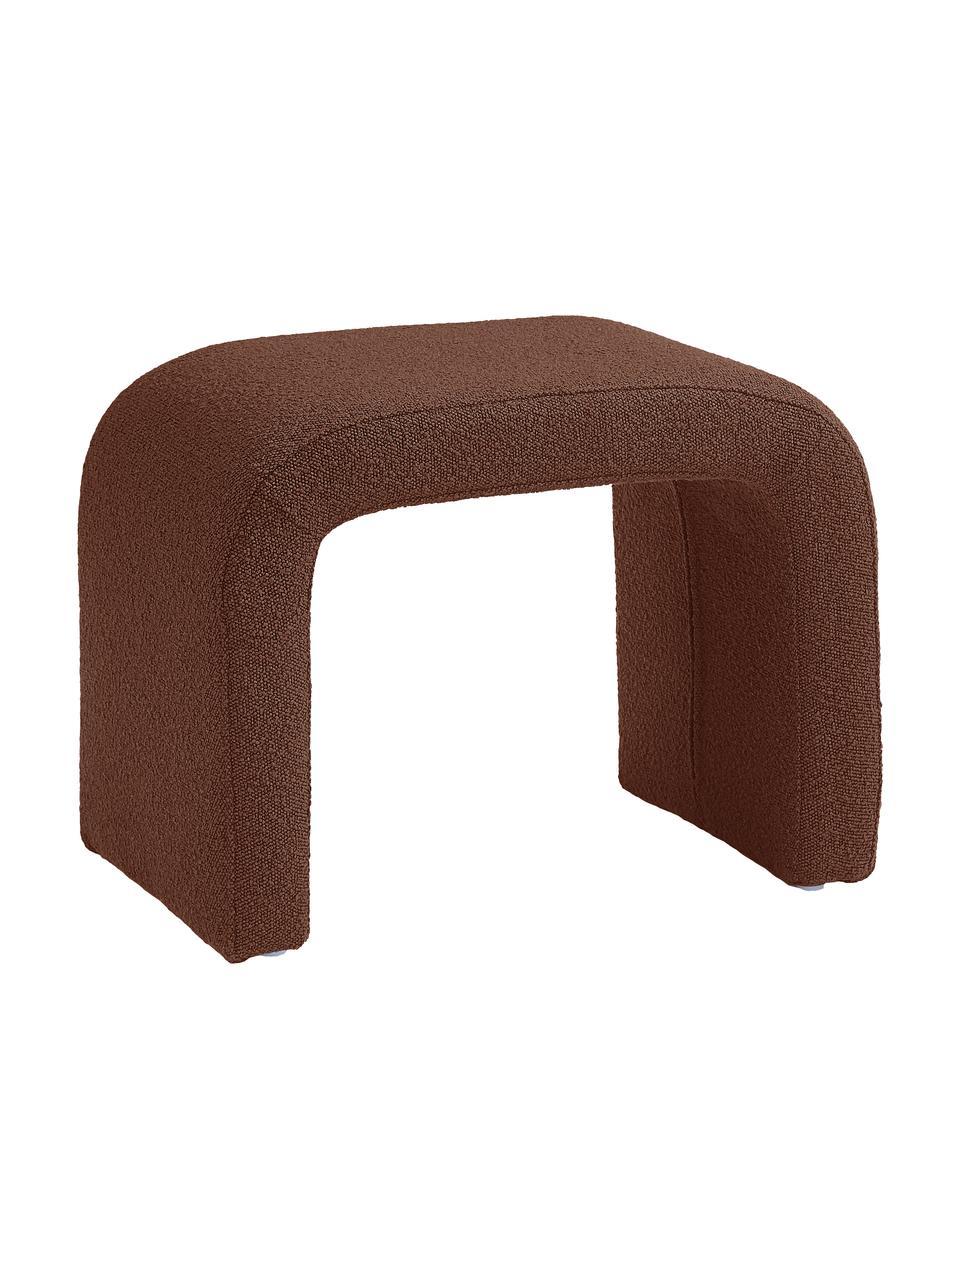 Tabouret en tissu bouclé Pénélope, Tissu bouclé brun